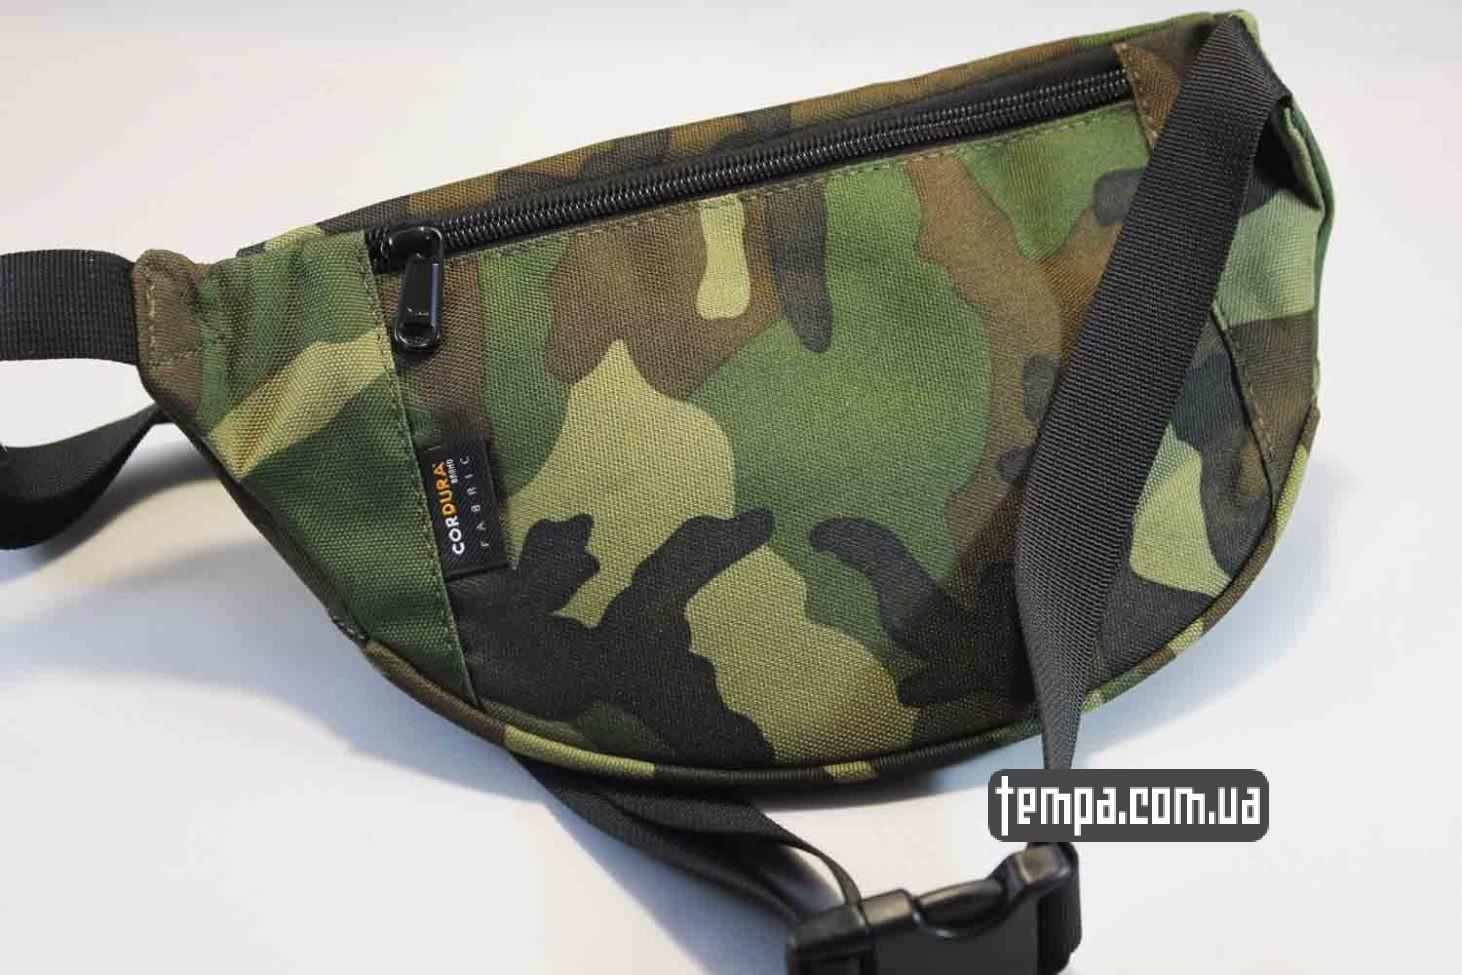 Carhartt украина поясная сумка бананка Carhartt Fanny Pack военного цвета